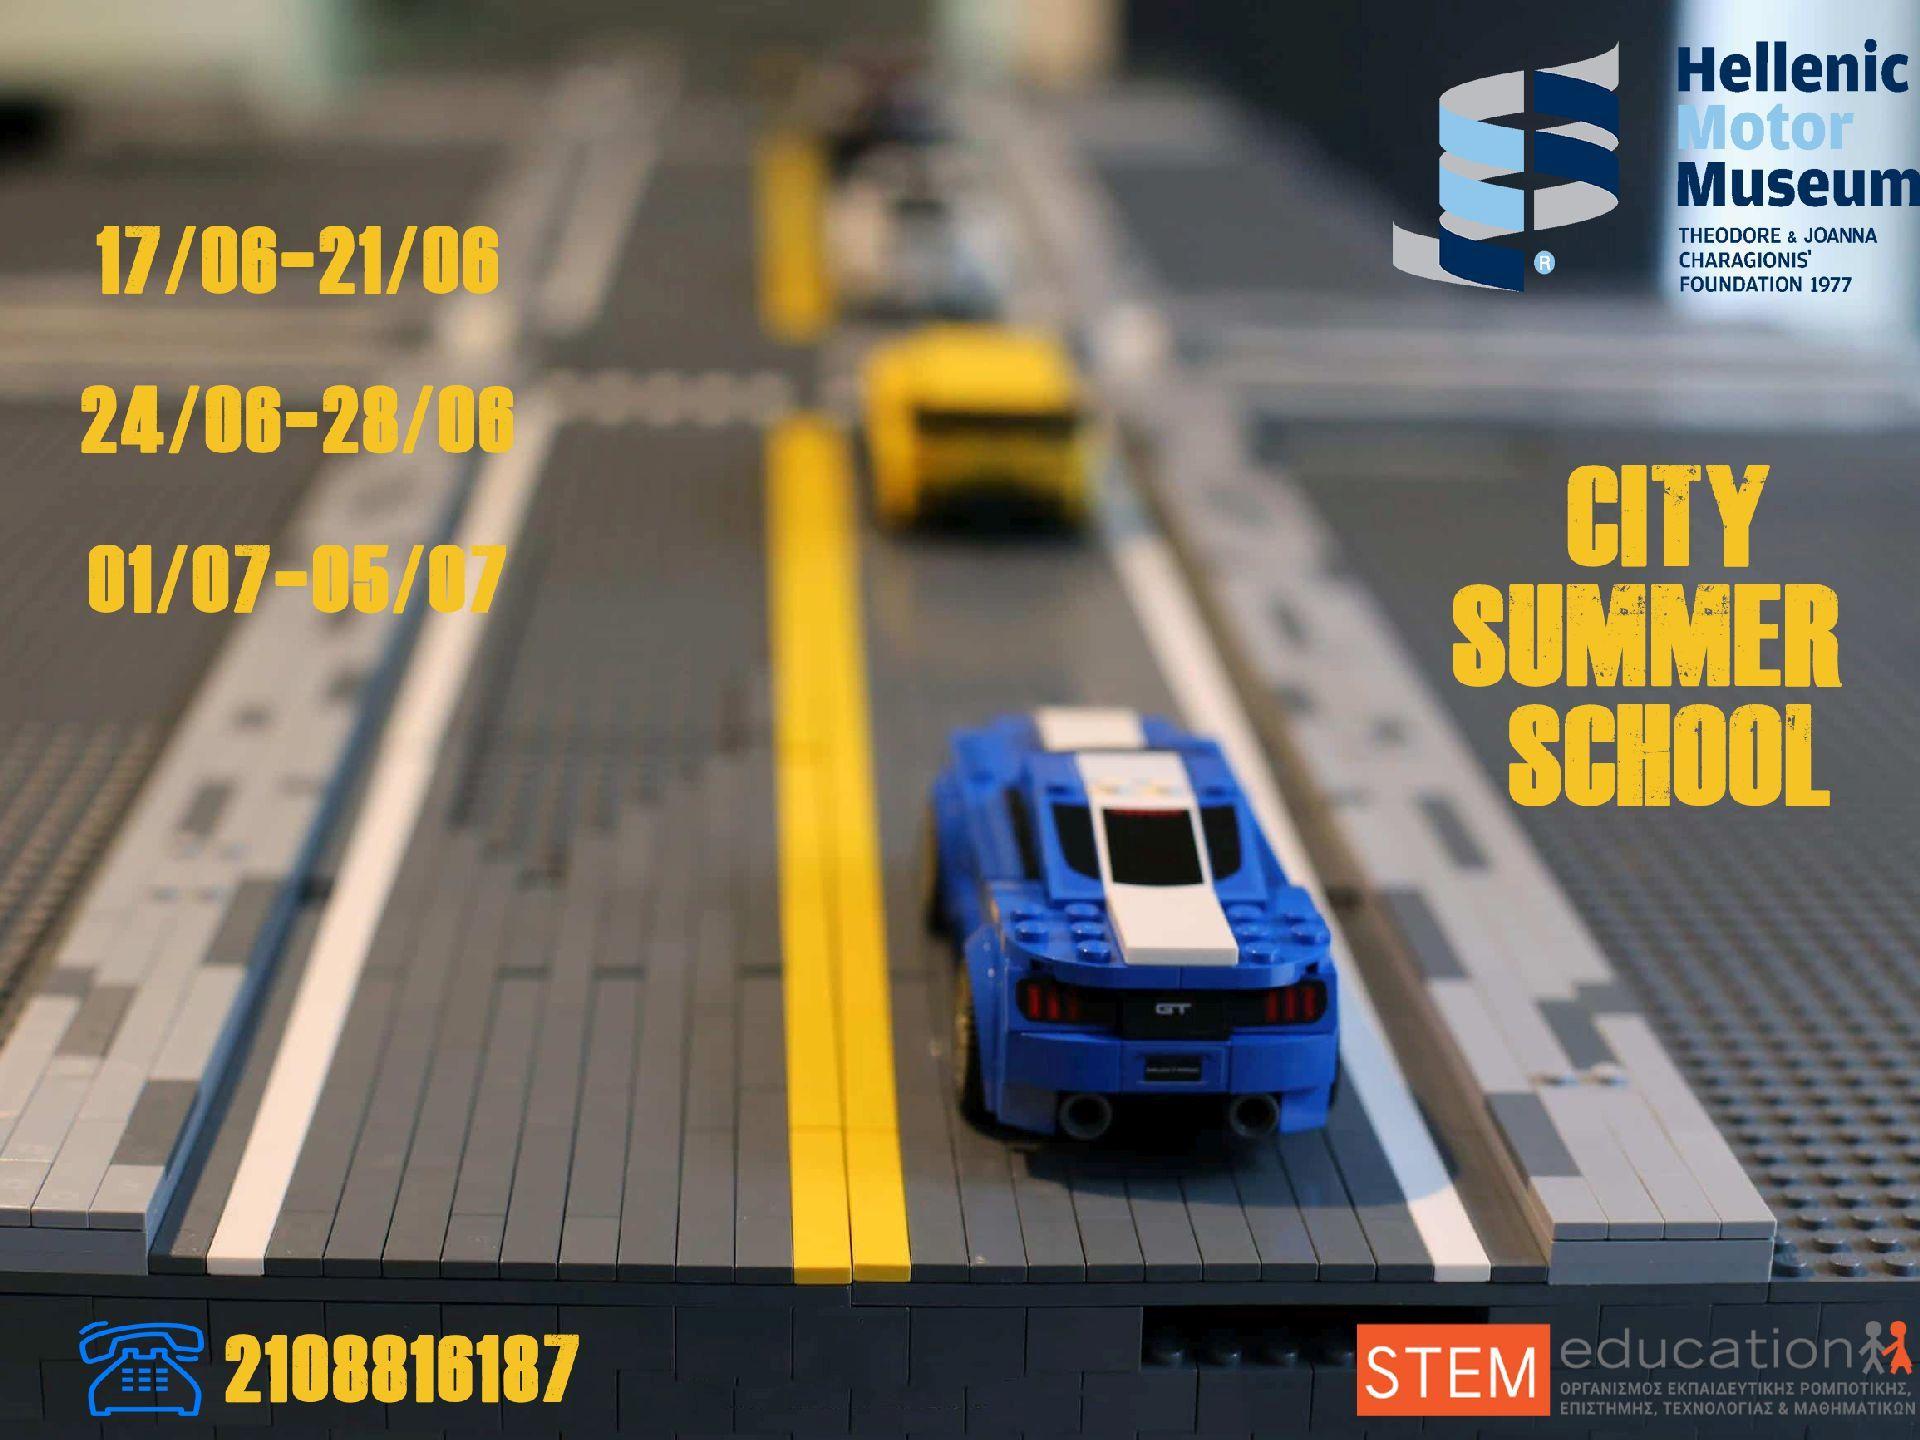 Θερινό Σχολείο STEM στο Ελληνικό Μουσείο Αυτοκινήτου